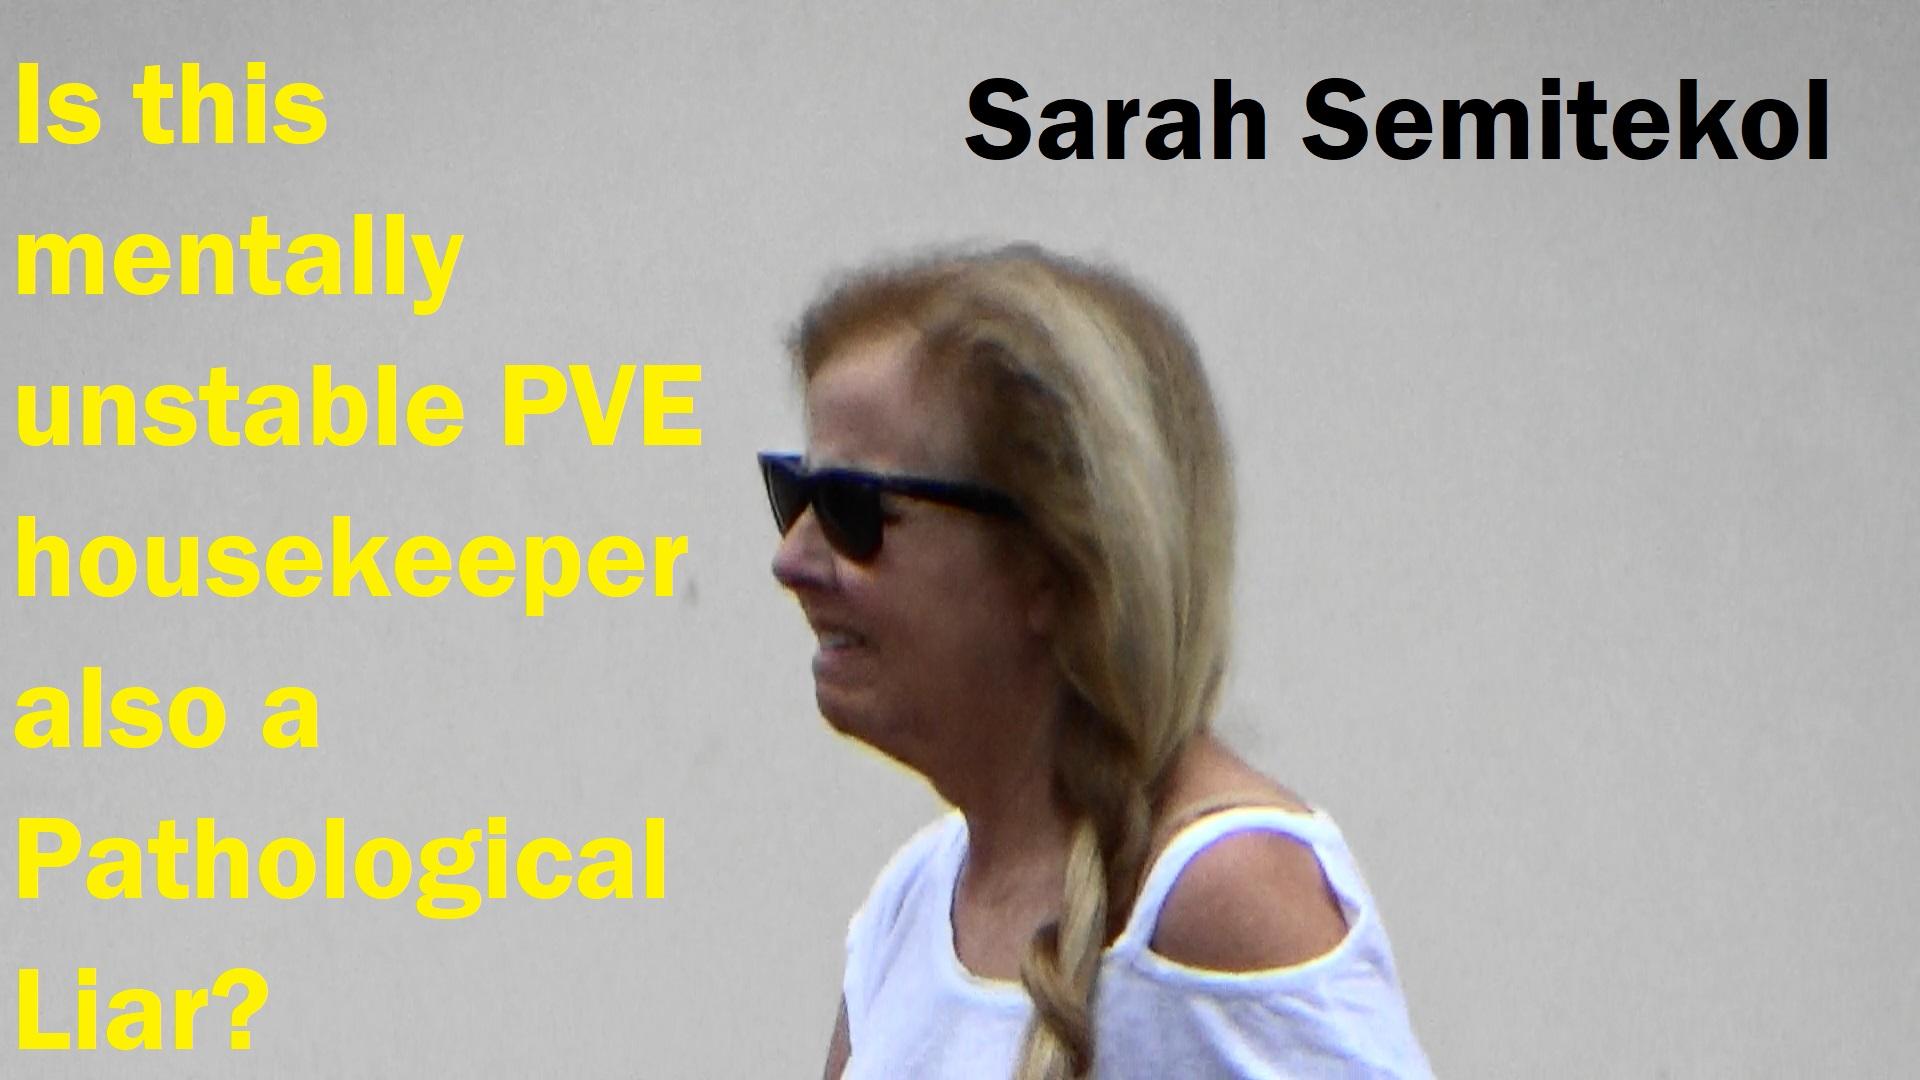 Semitekol Sarah Walking - Annotated